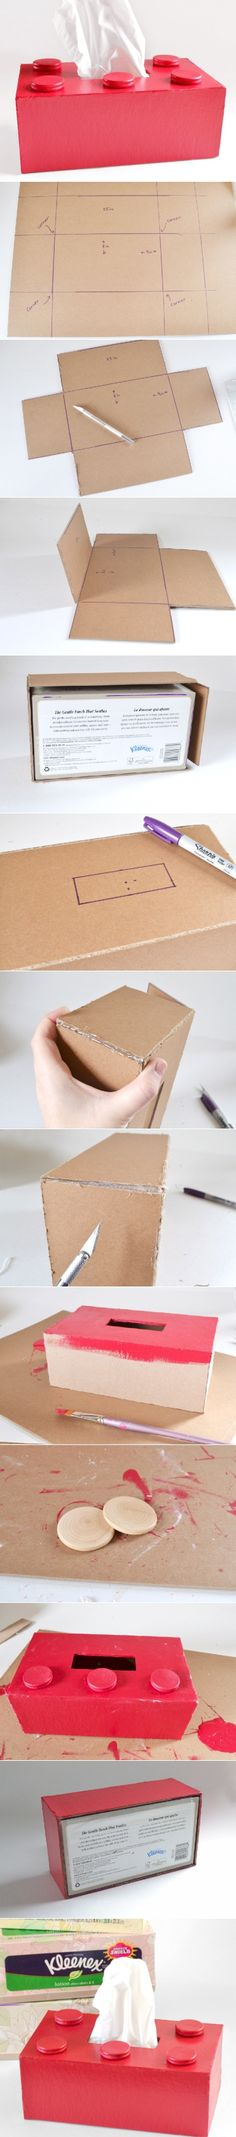 DIY Lego Tissue Box